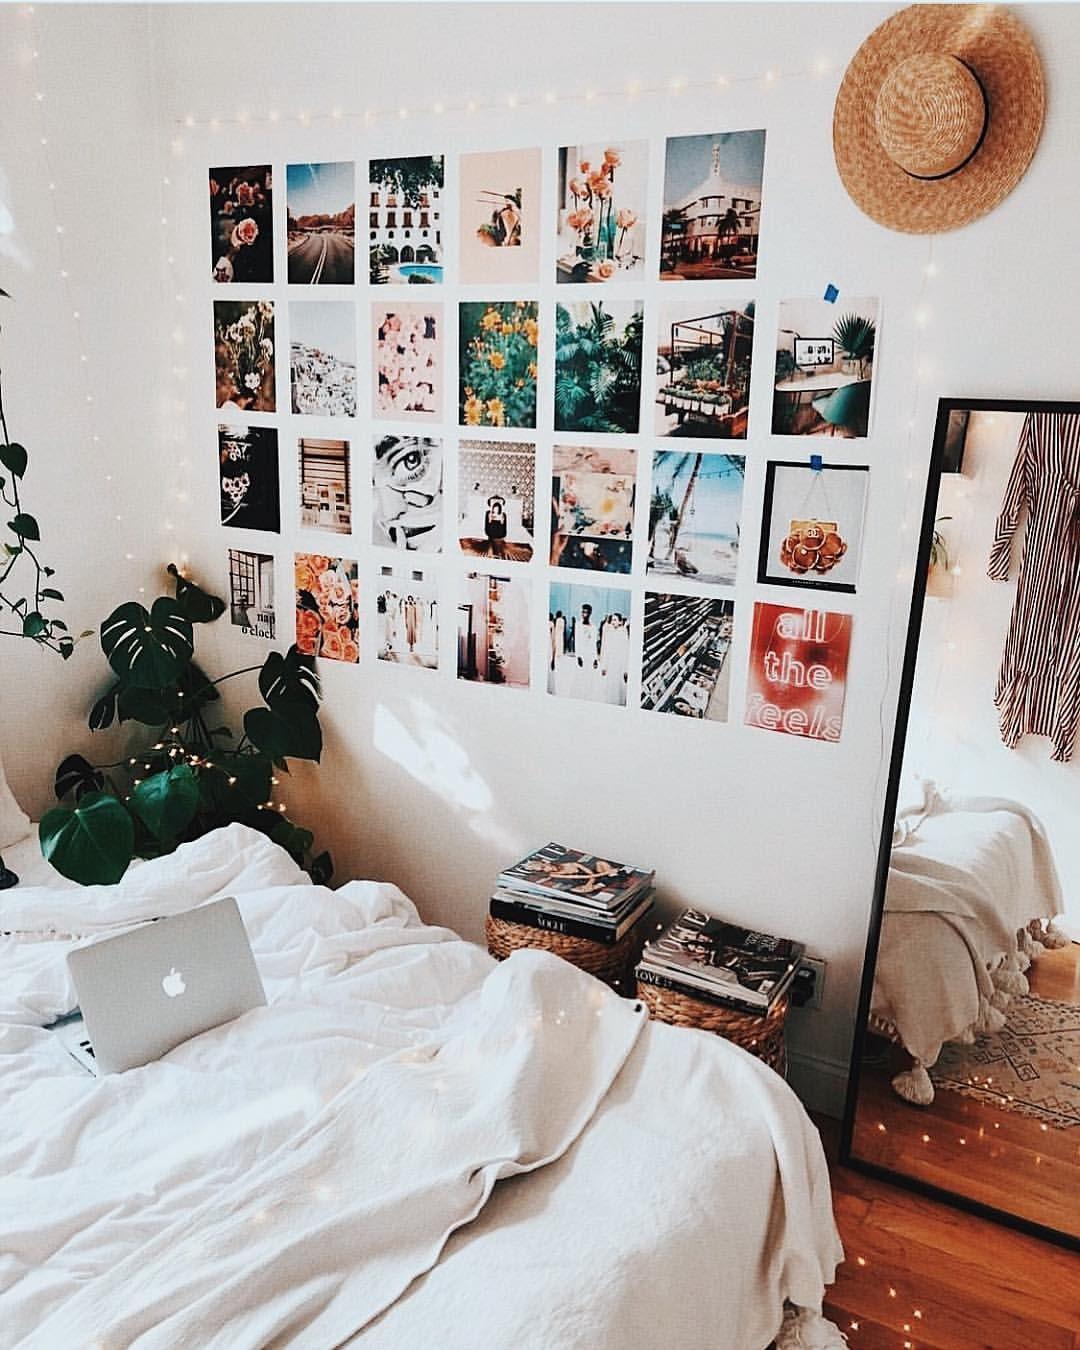 Perfekte Idee Für Dein WG Zimmer: Schöne Poster Oder Postkarten  Schachbrettartig An Die Wand